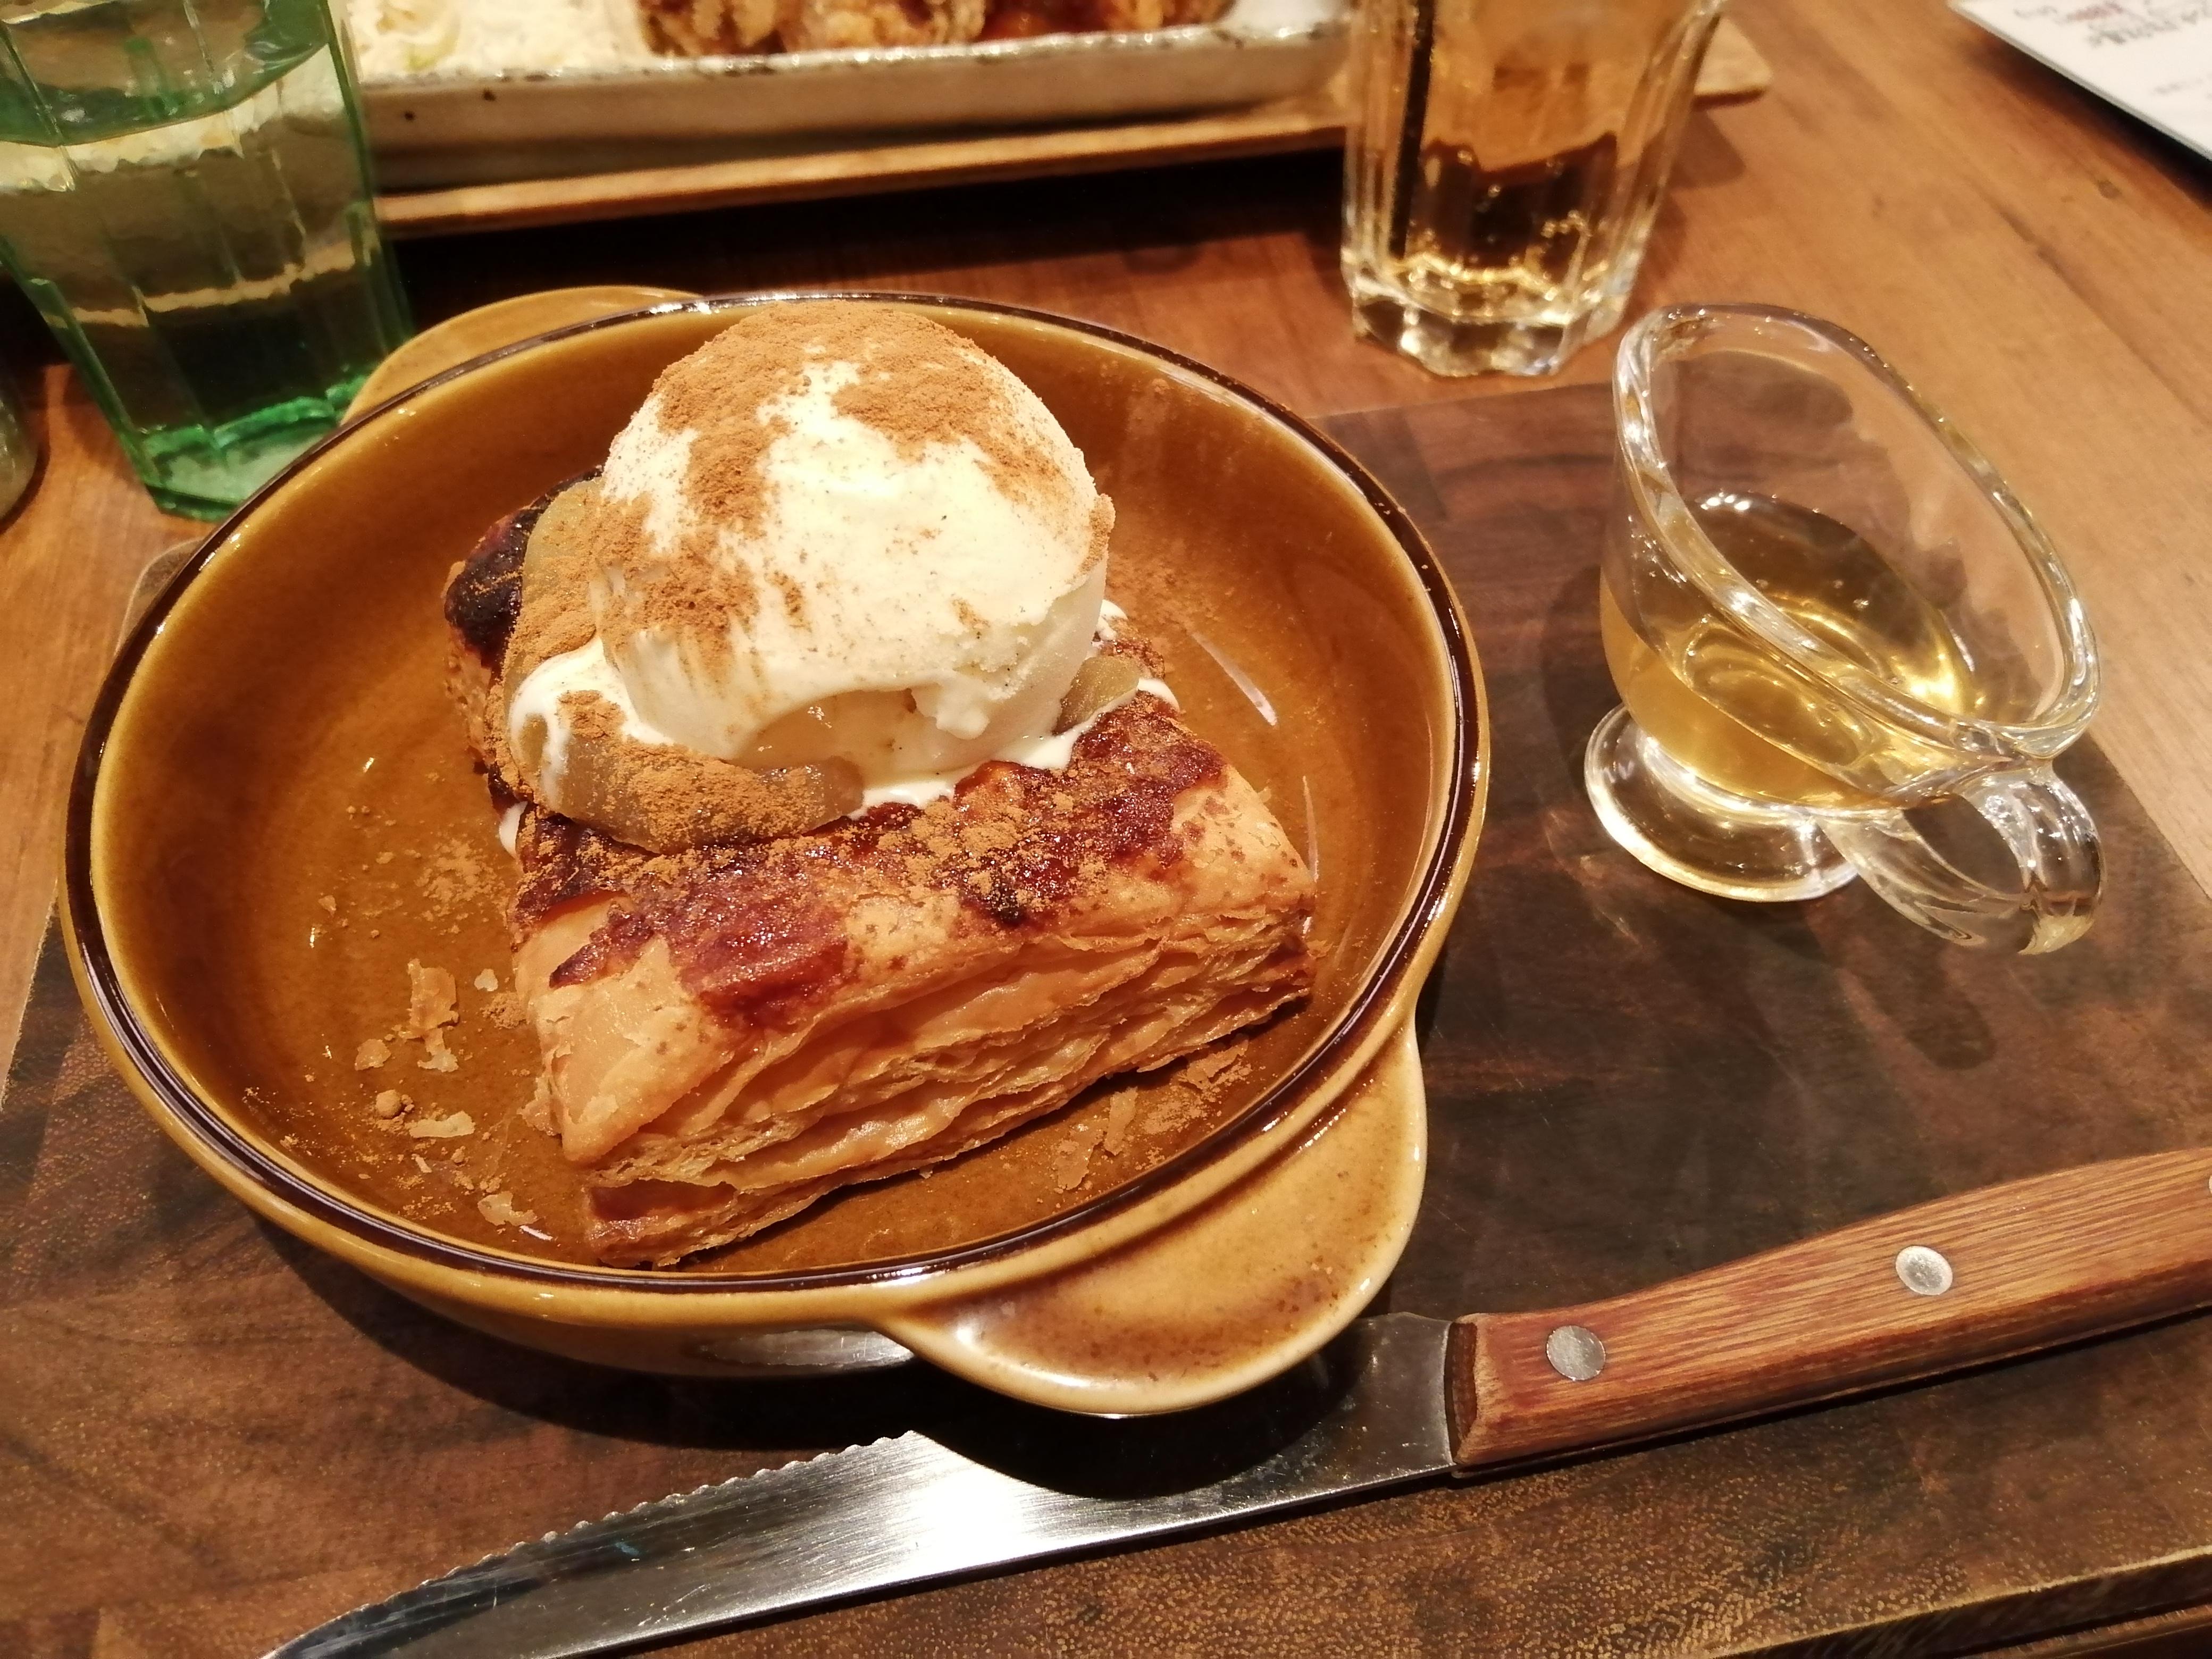 「#602 CAFE&DINER(ロクマルニ カフェ&ダイナー)」のアップルパイ